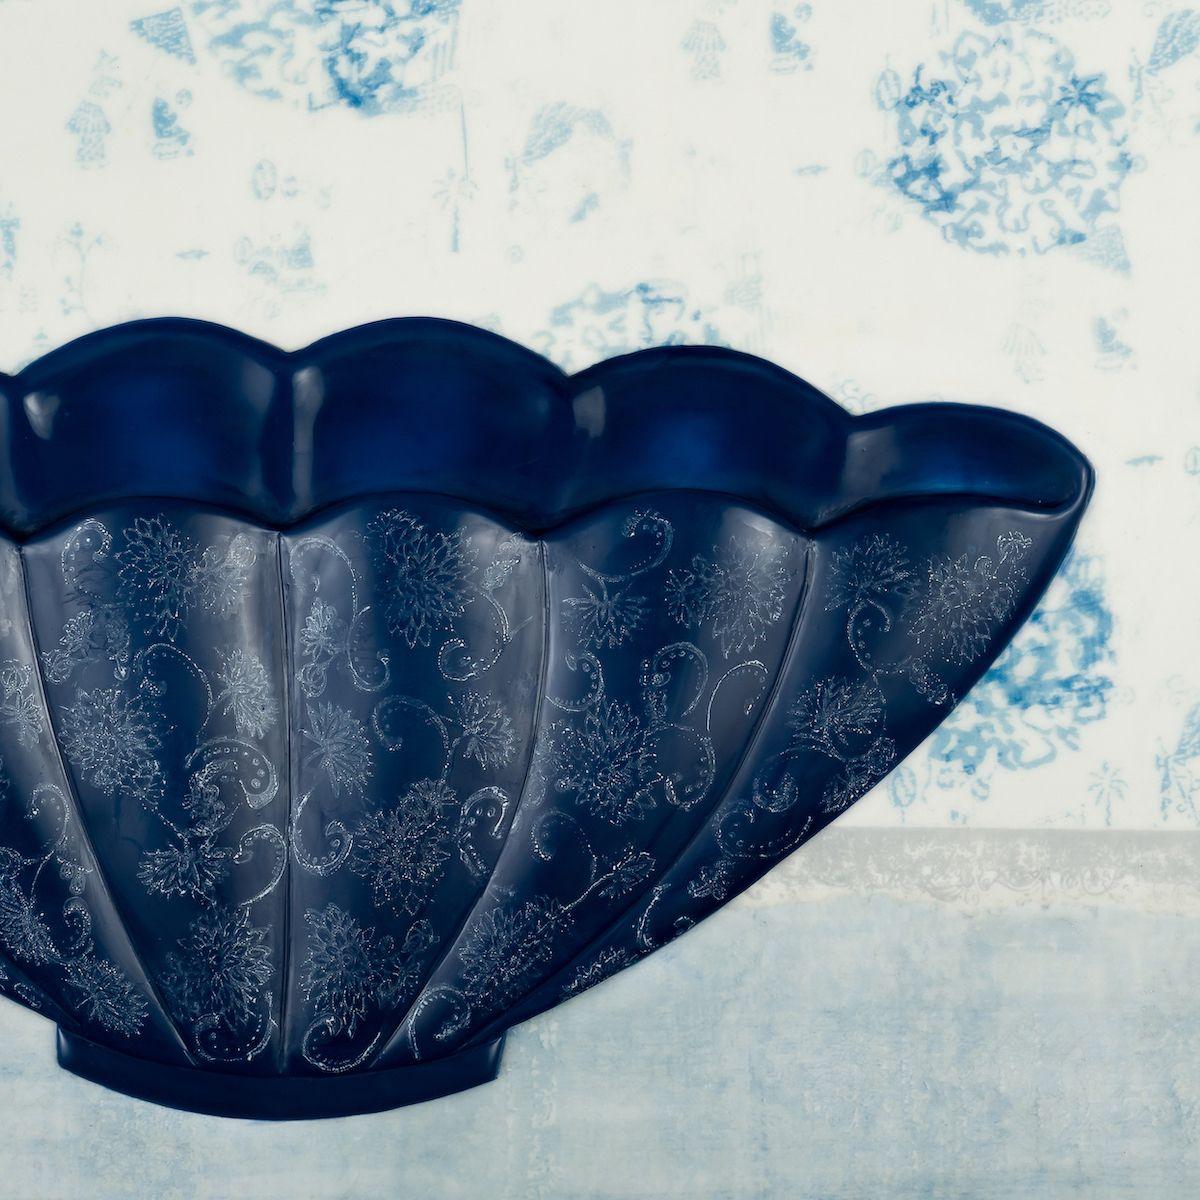 Blue Bowl (partial image)